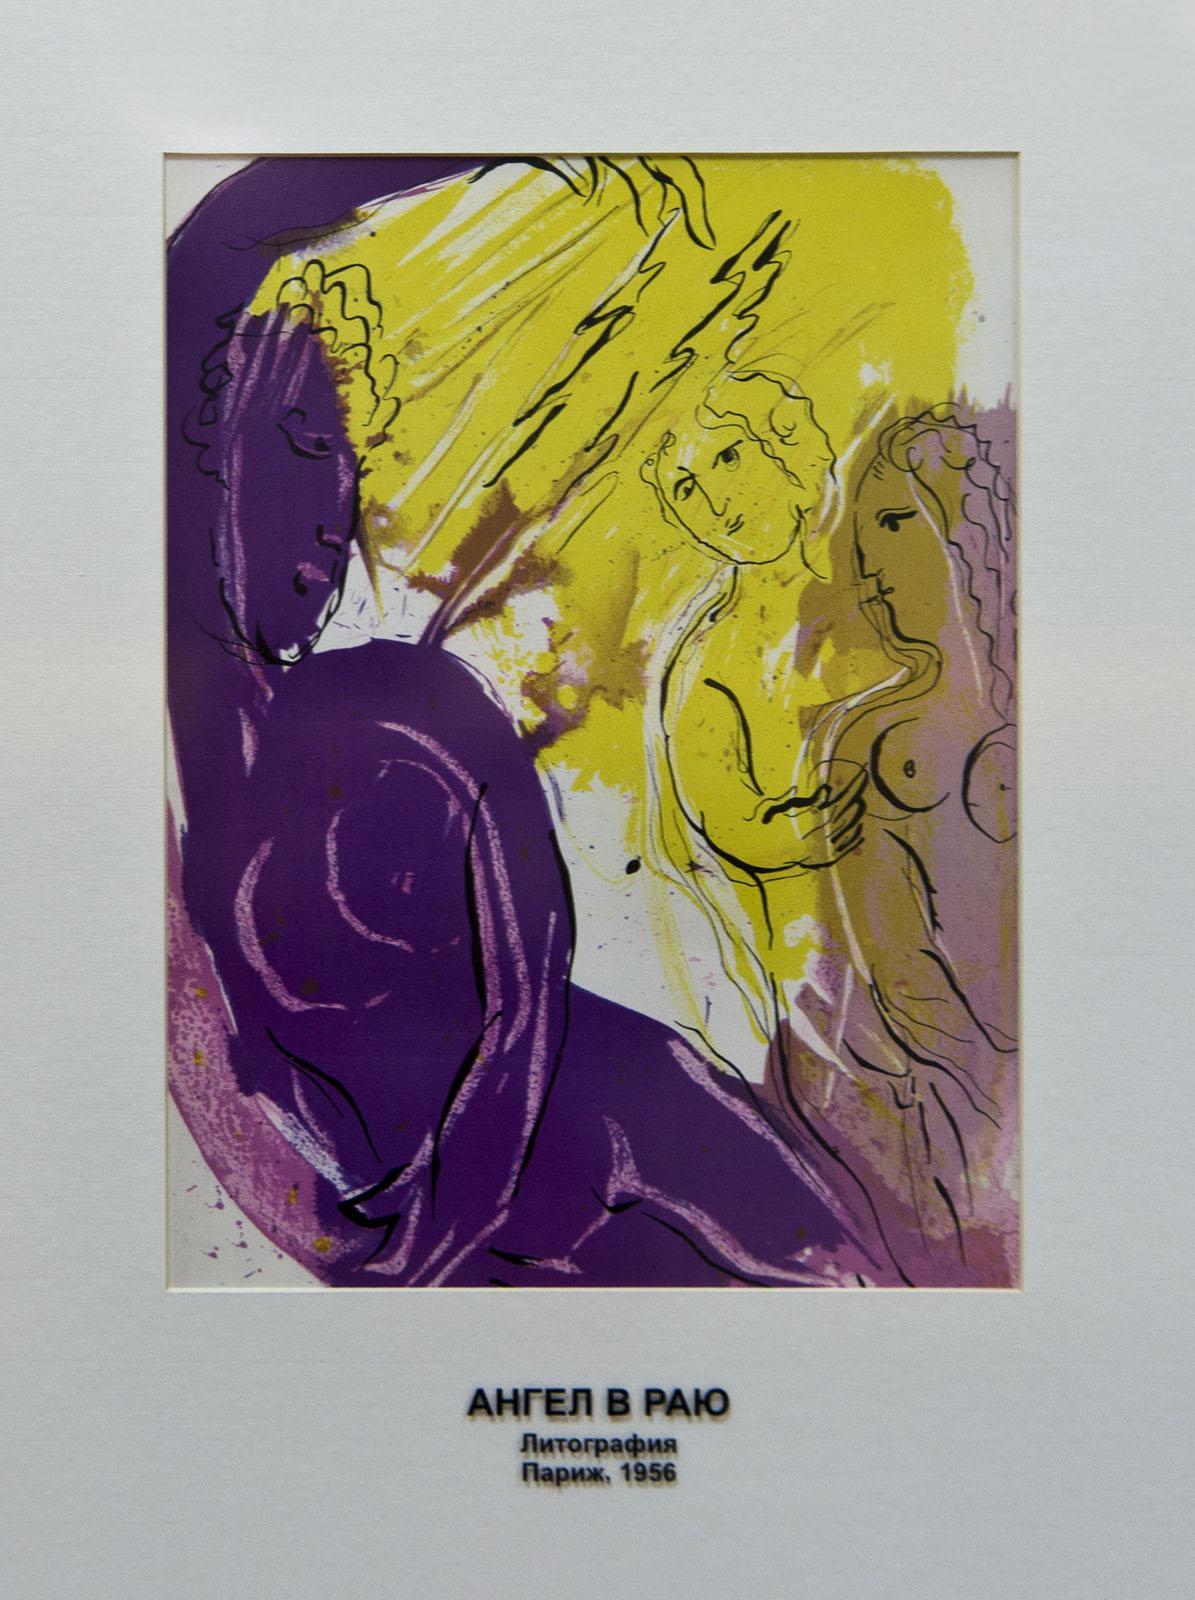 Фото №74371. «Ангел в раю», Марк Шагал, литография, Париж, 1956